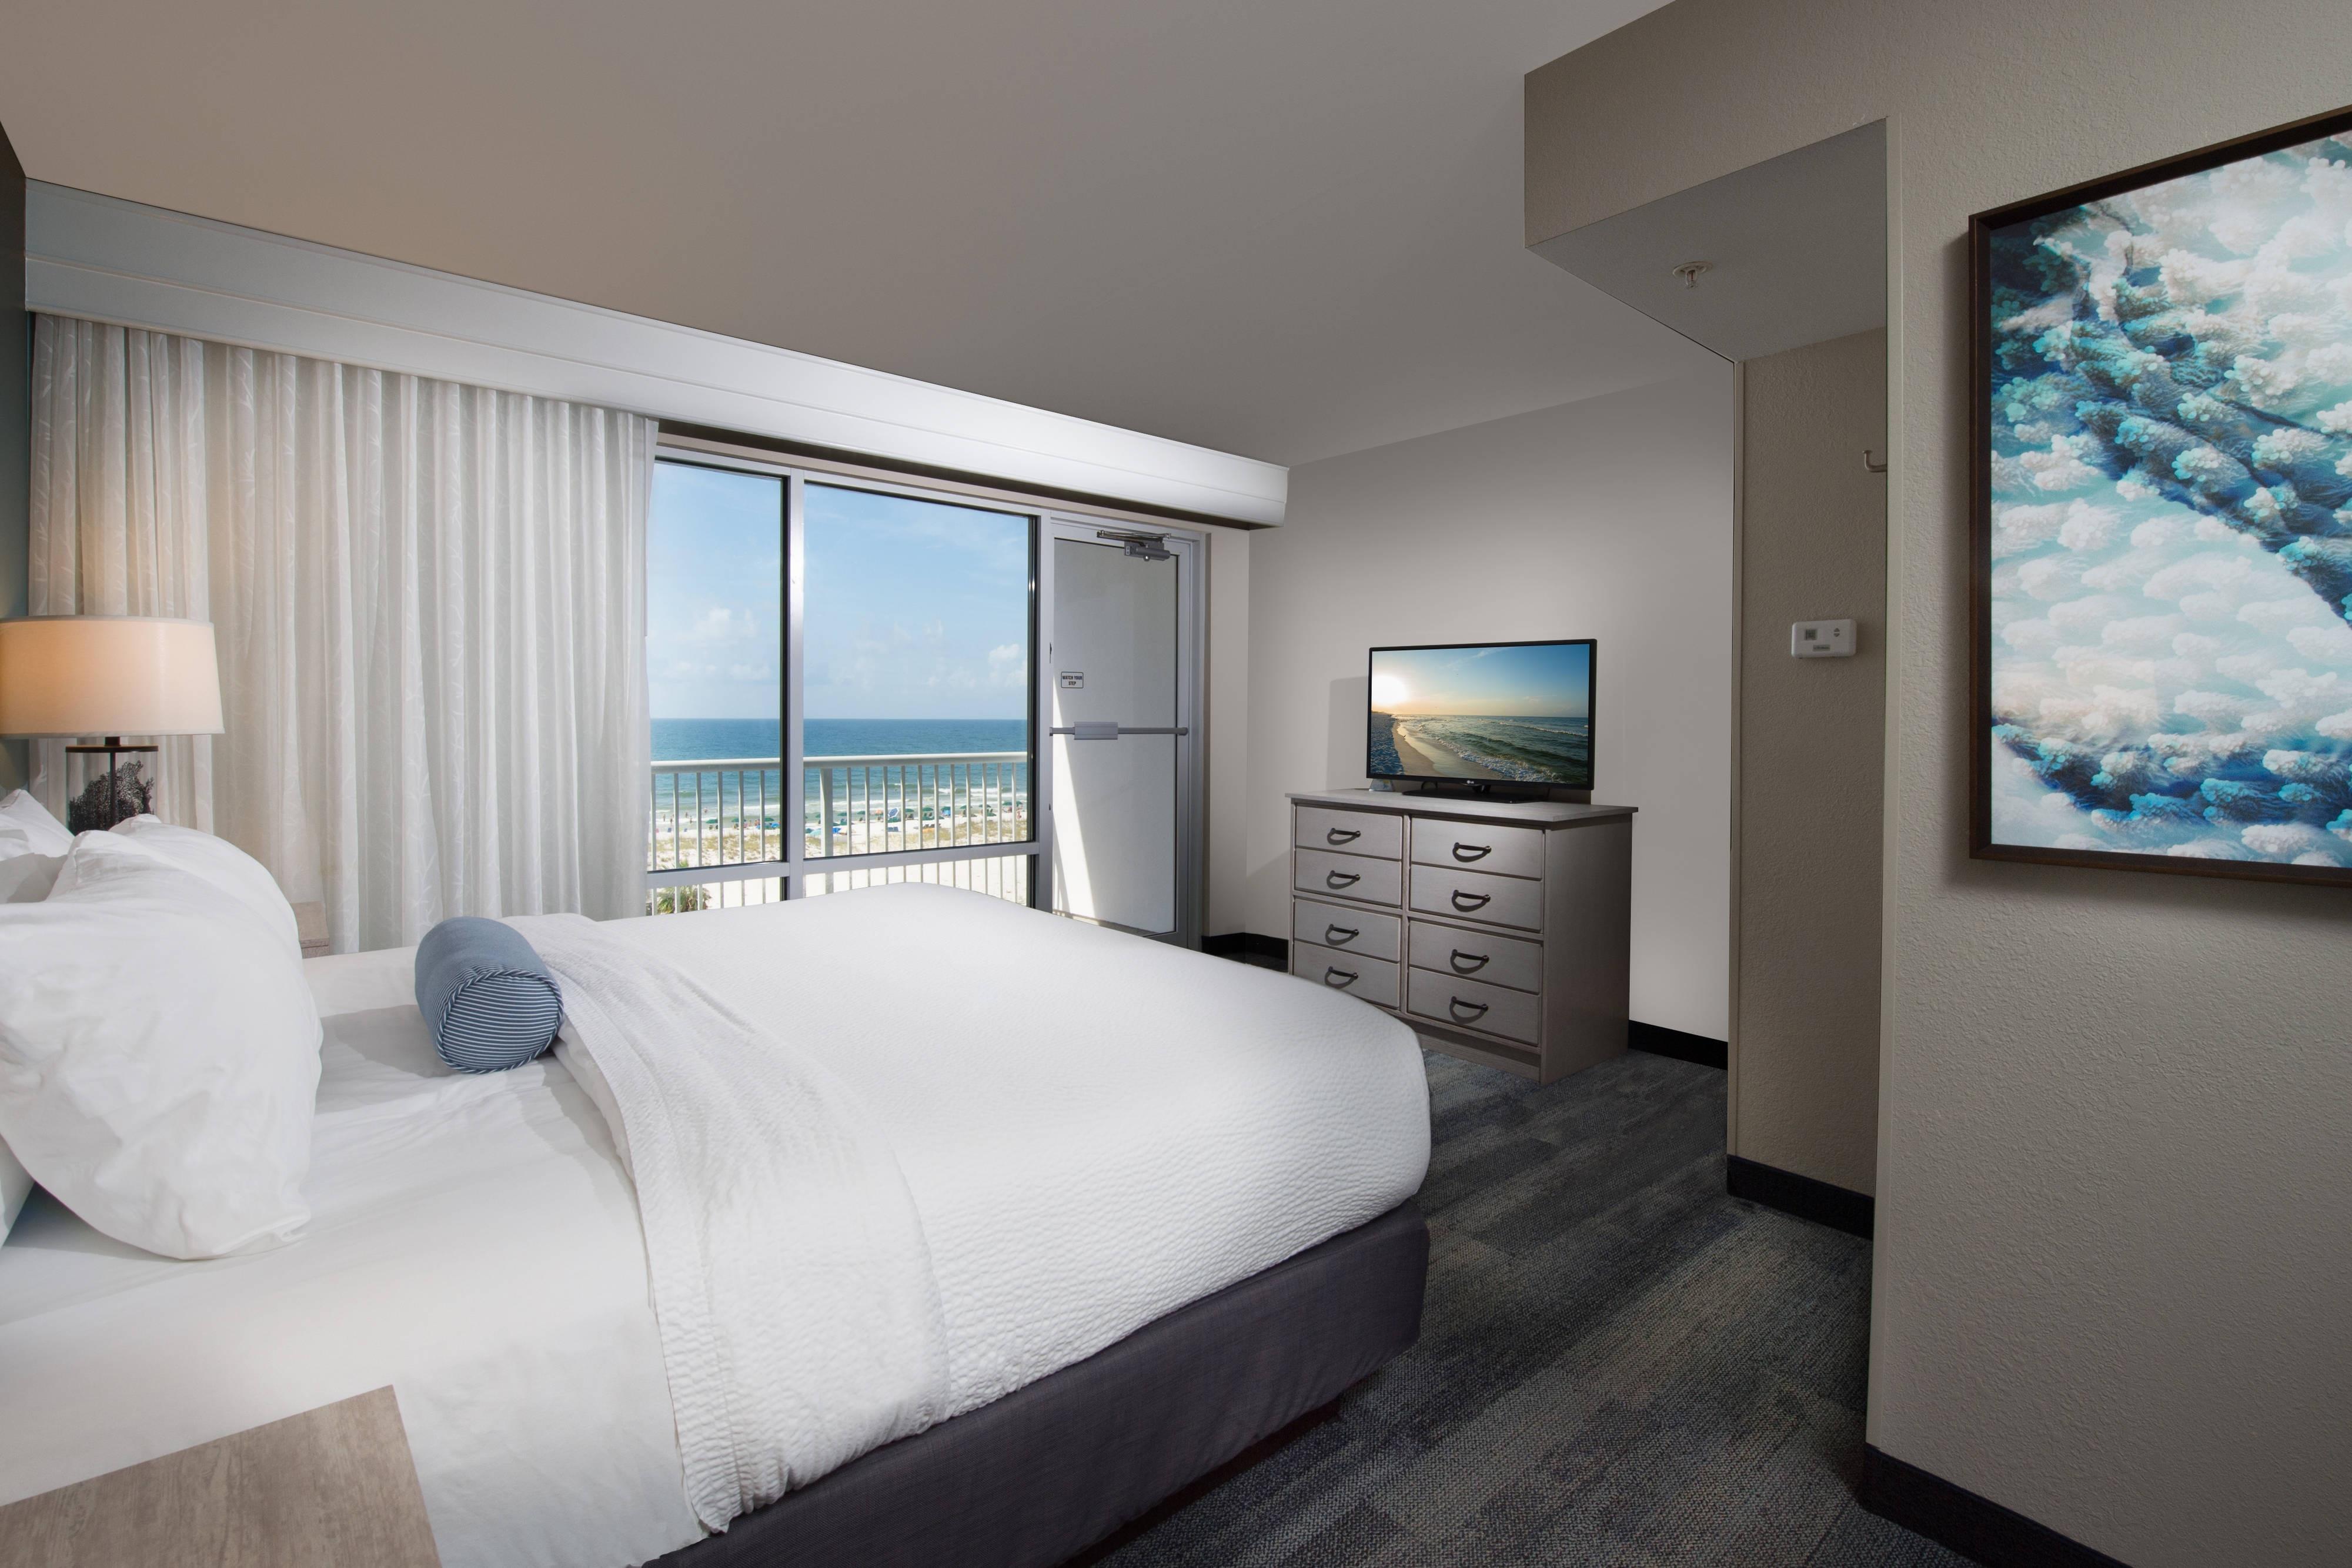 Hotel suite in Pensacola FL